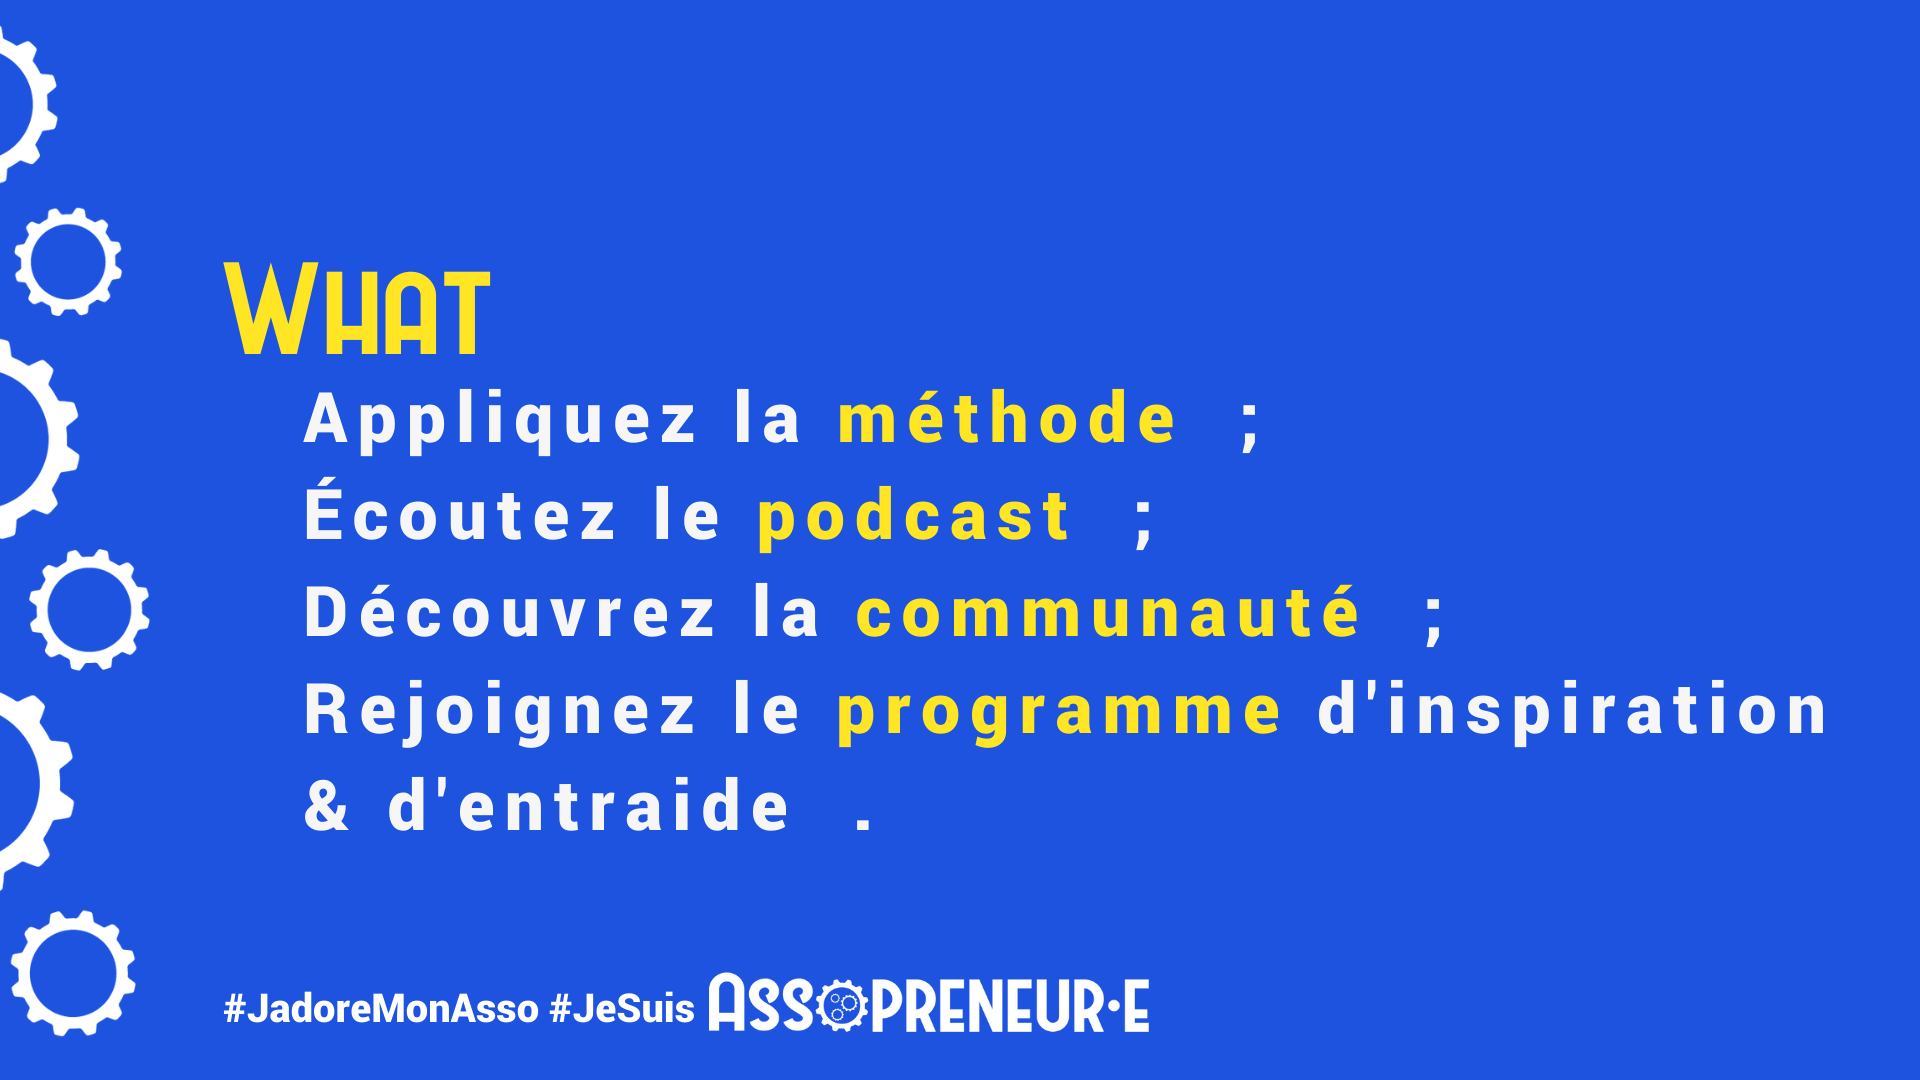 Méthode, podcast, communauté et programme de mentoring professionnel.